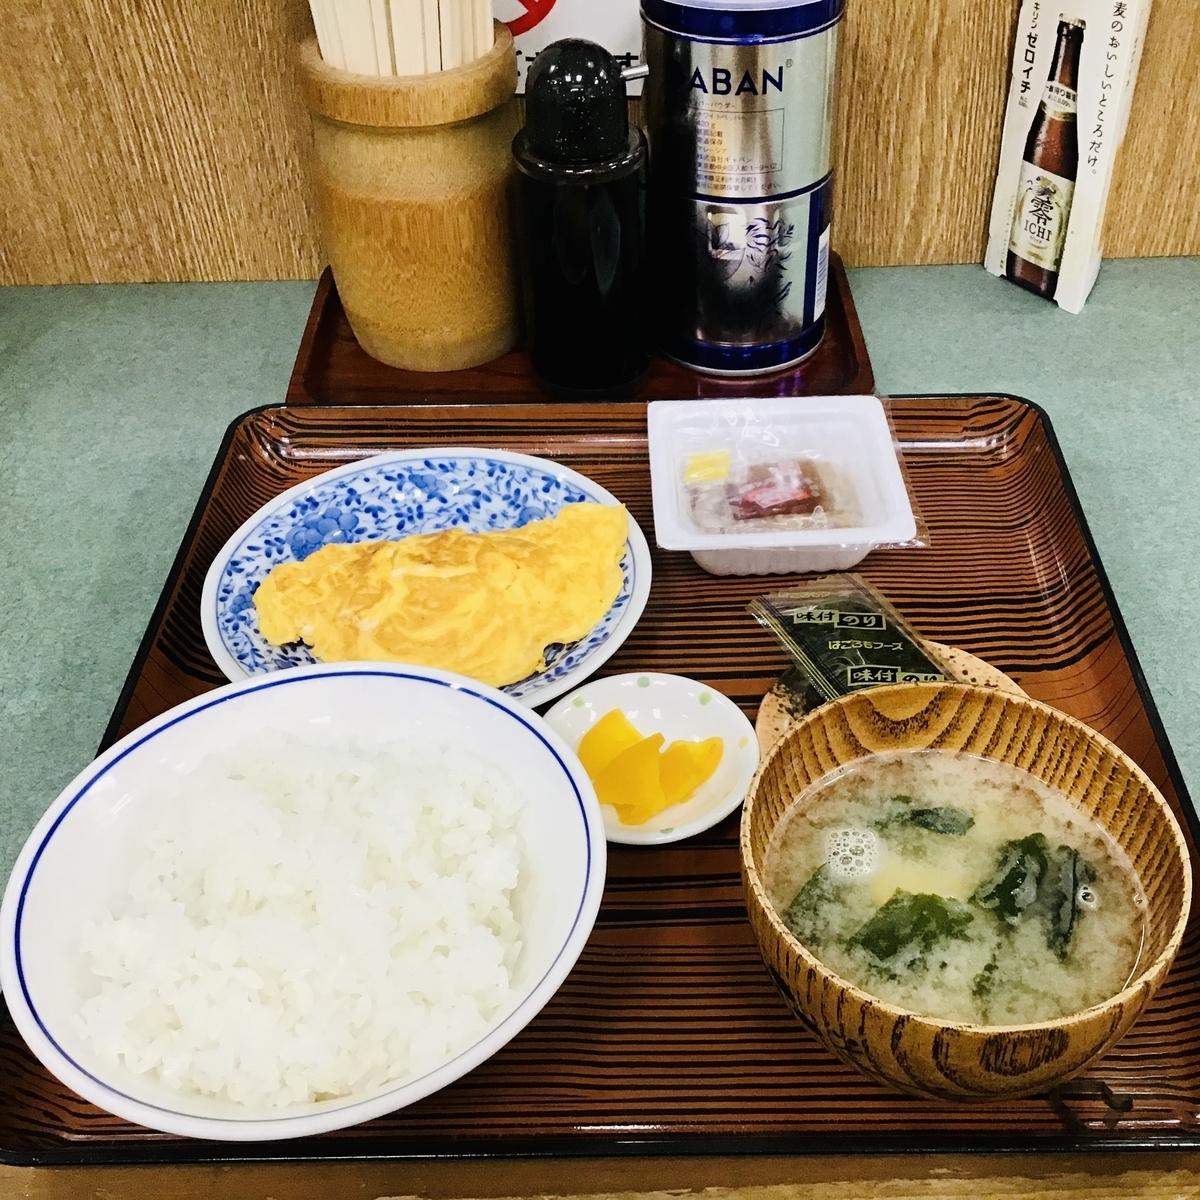 f:id:yumeusagiyukiusagi:20200601094300j:plain